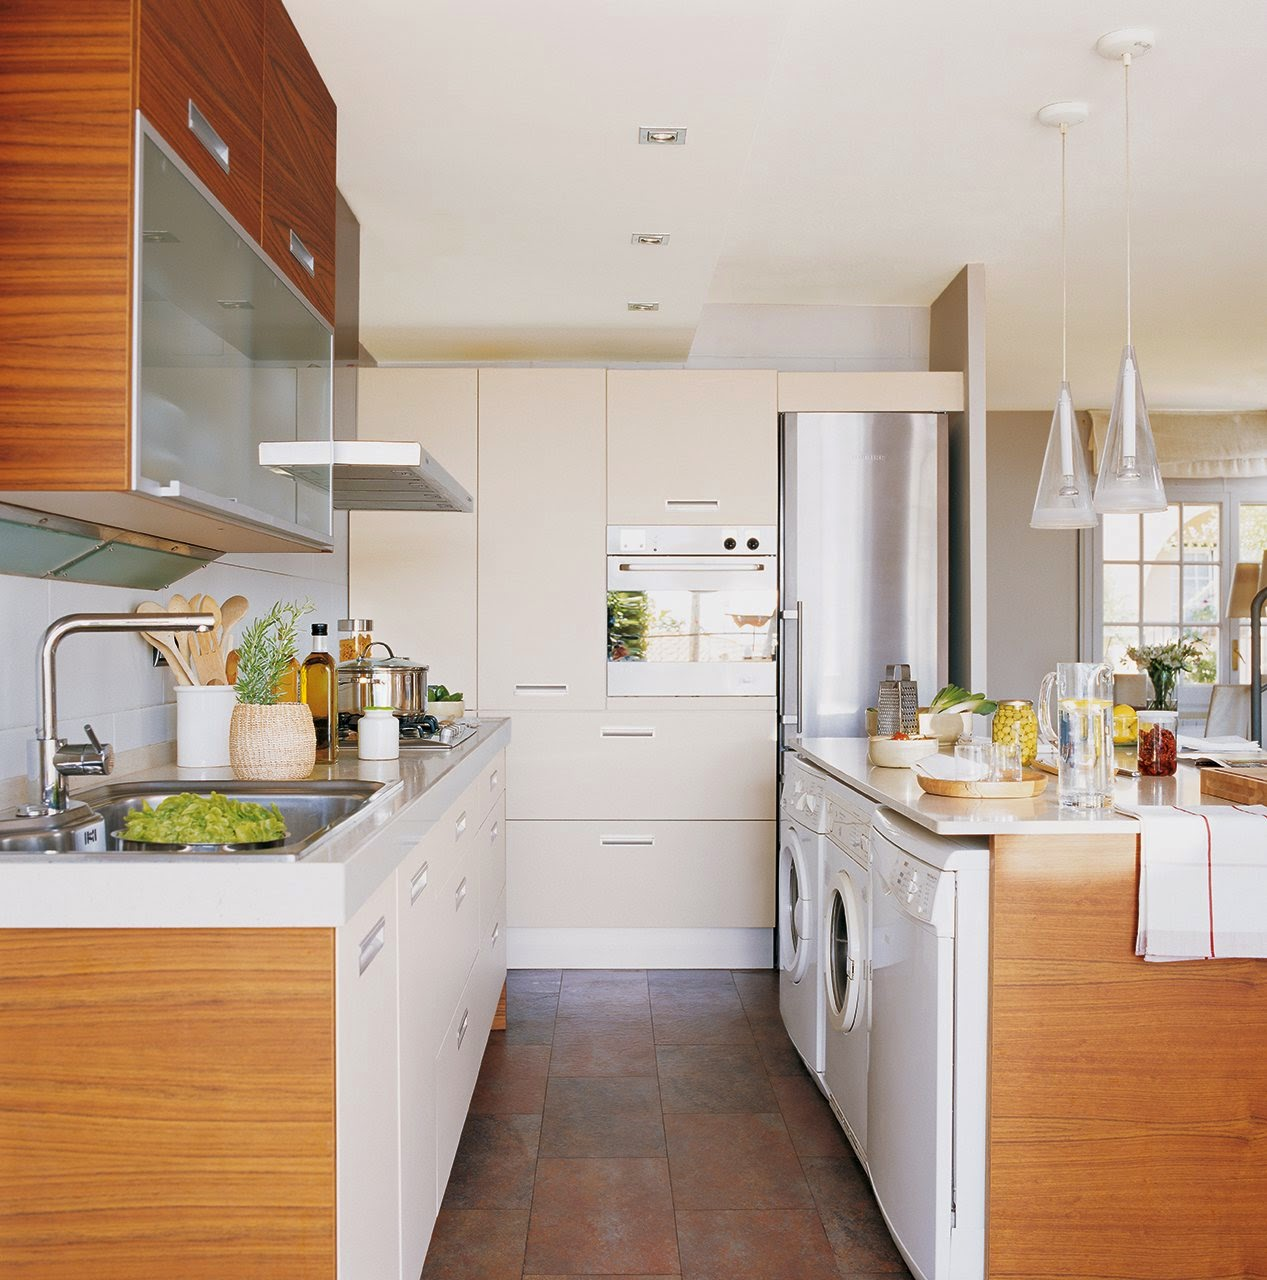 decotips integrar la zona de lavadero en la cocina On cocinas pequenas con lavadero